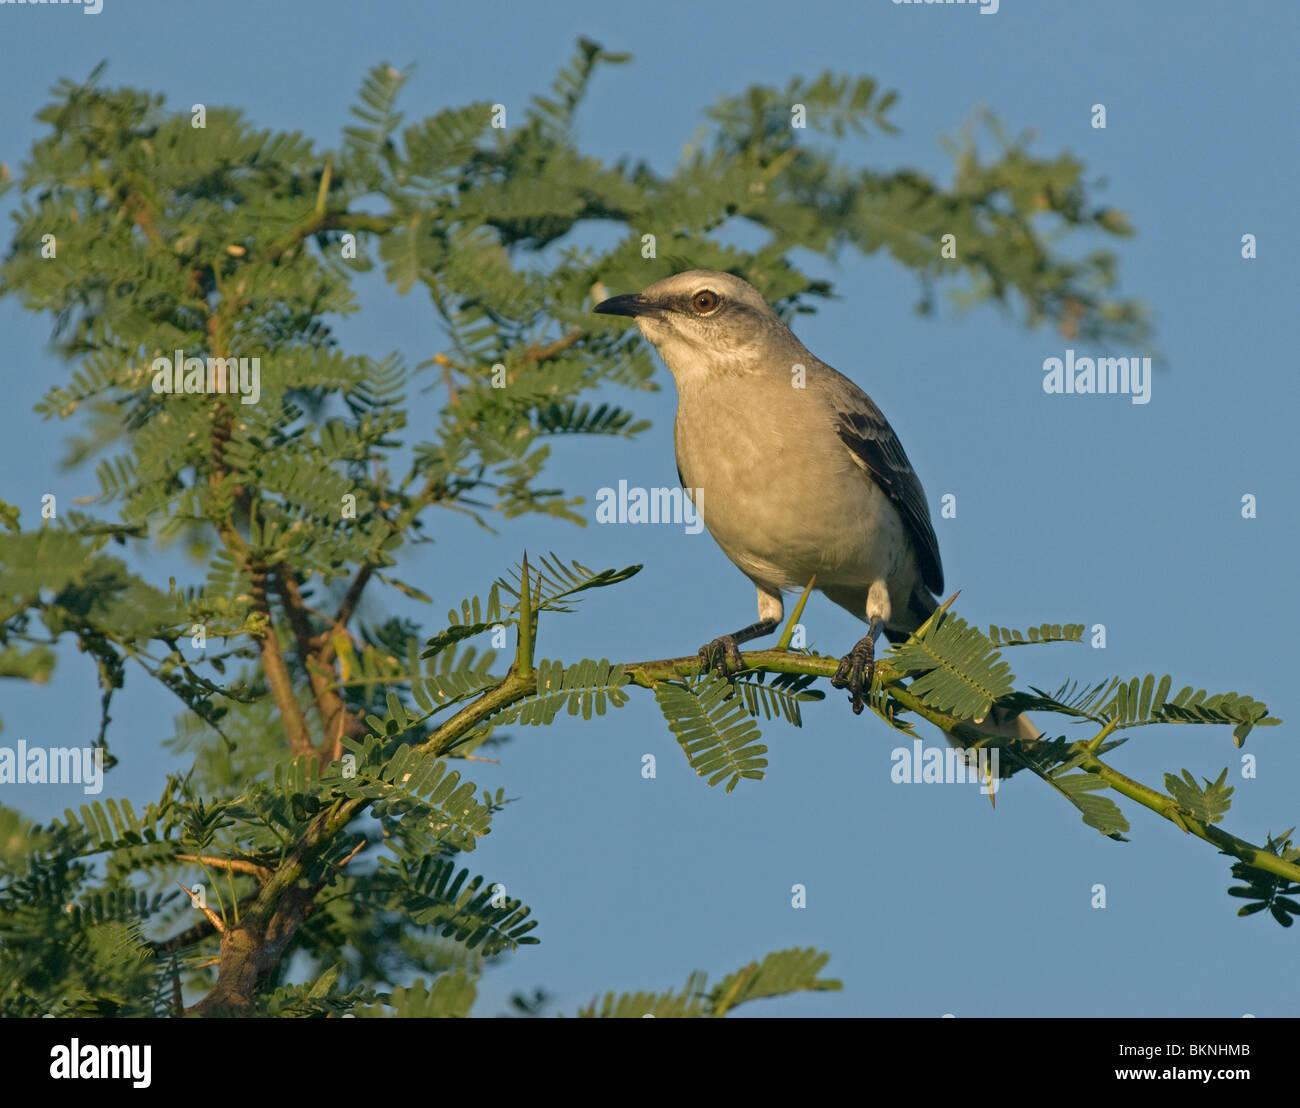 Tropische Spotlijster;Tropical Mockingbird - Stock Image